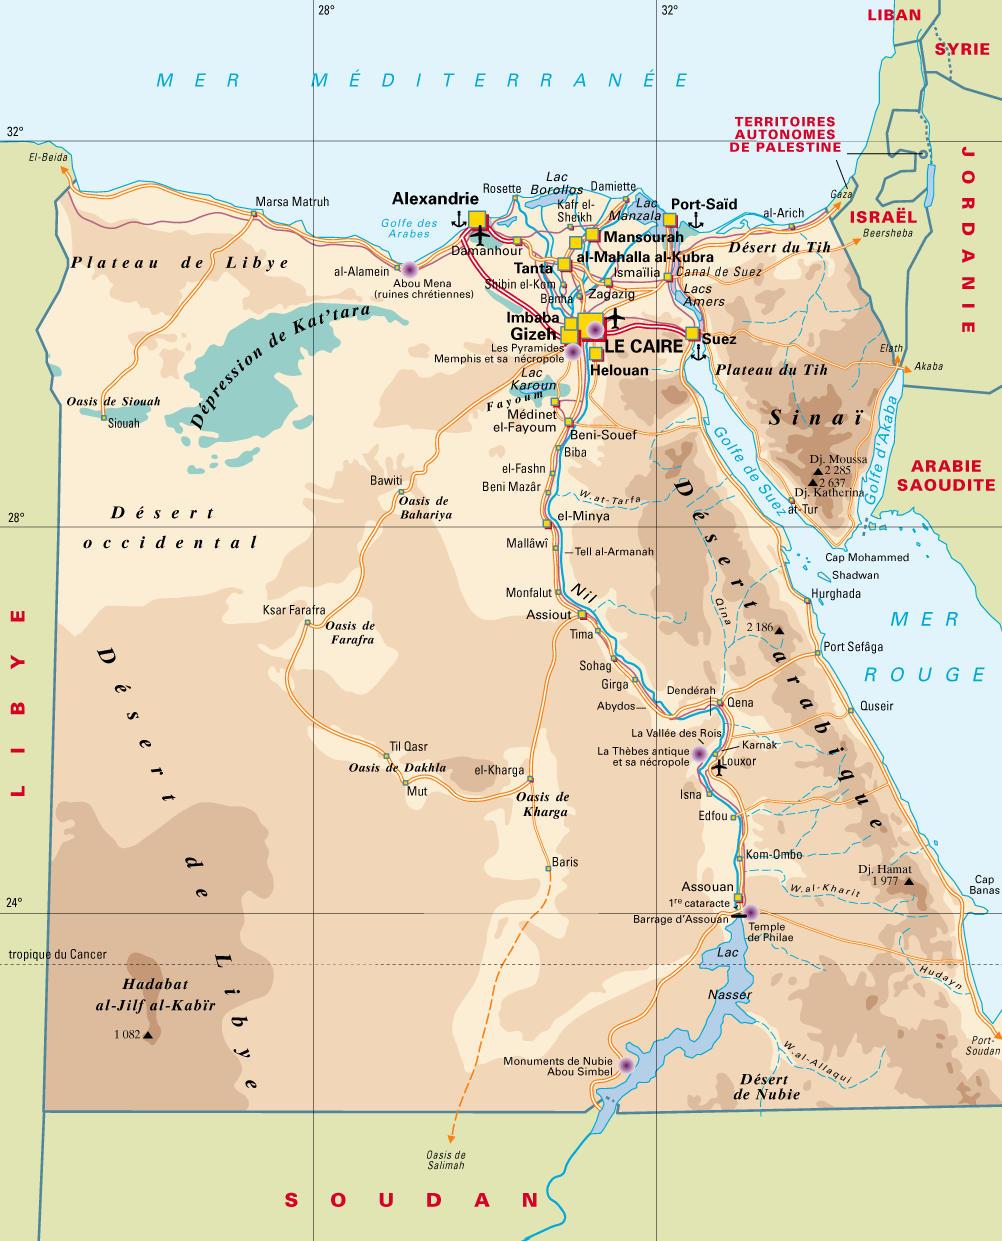 Carte aéroports Égypte, Carte des aéroports de l'Égypte